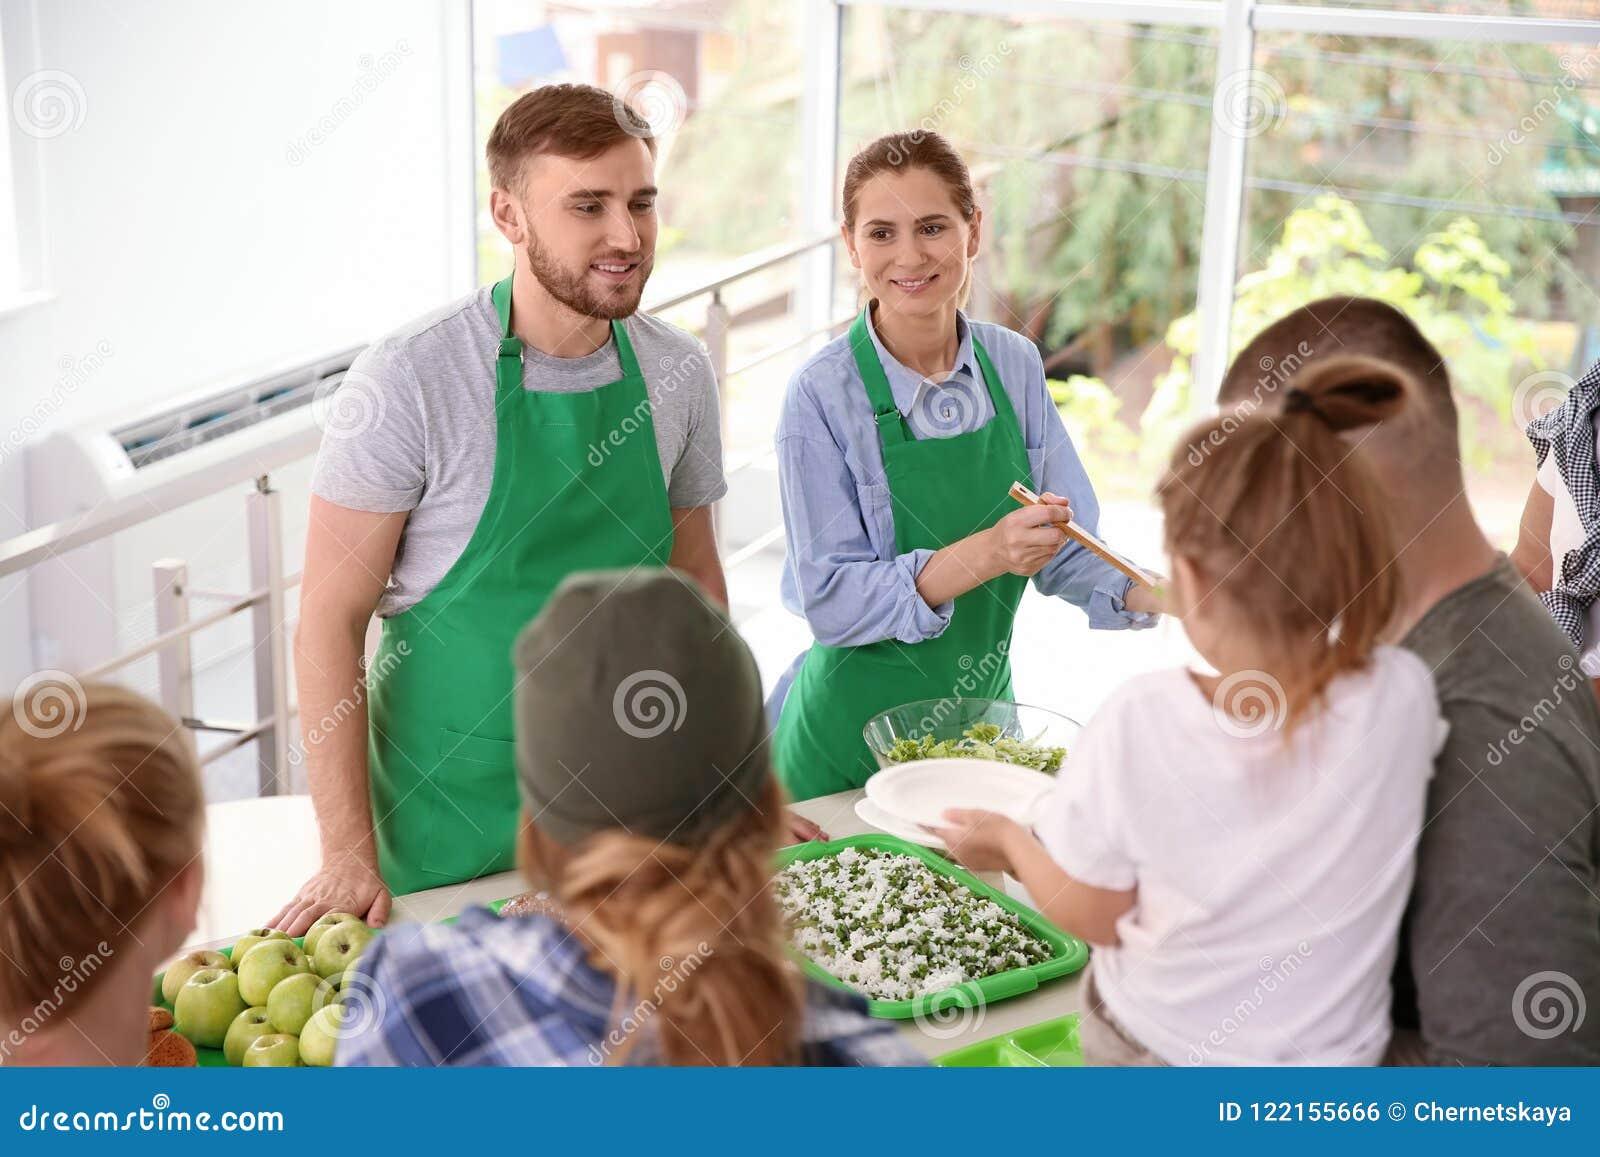 Volunteers serving food for poor people